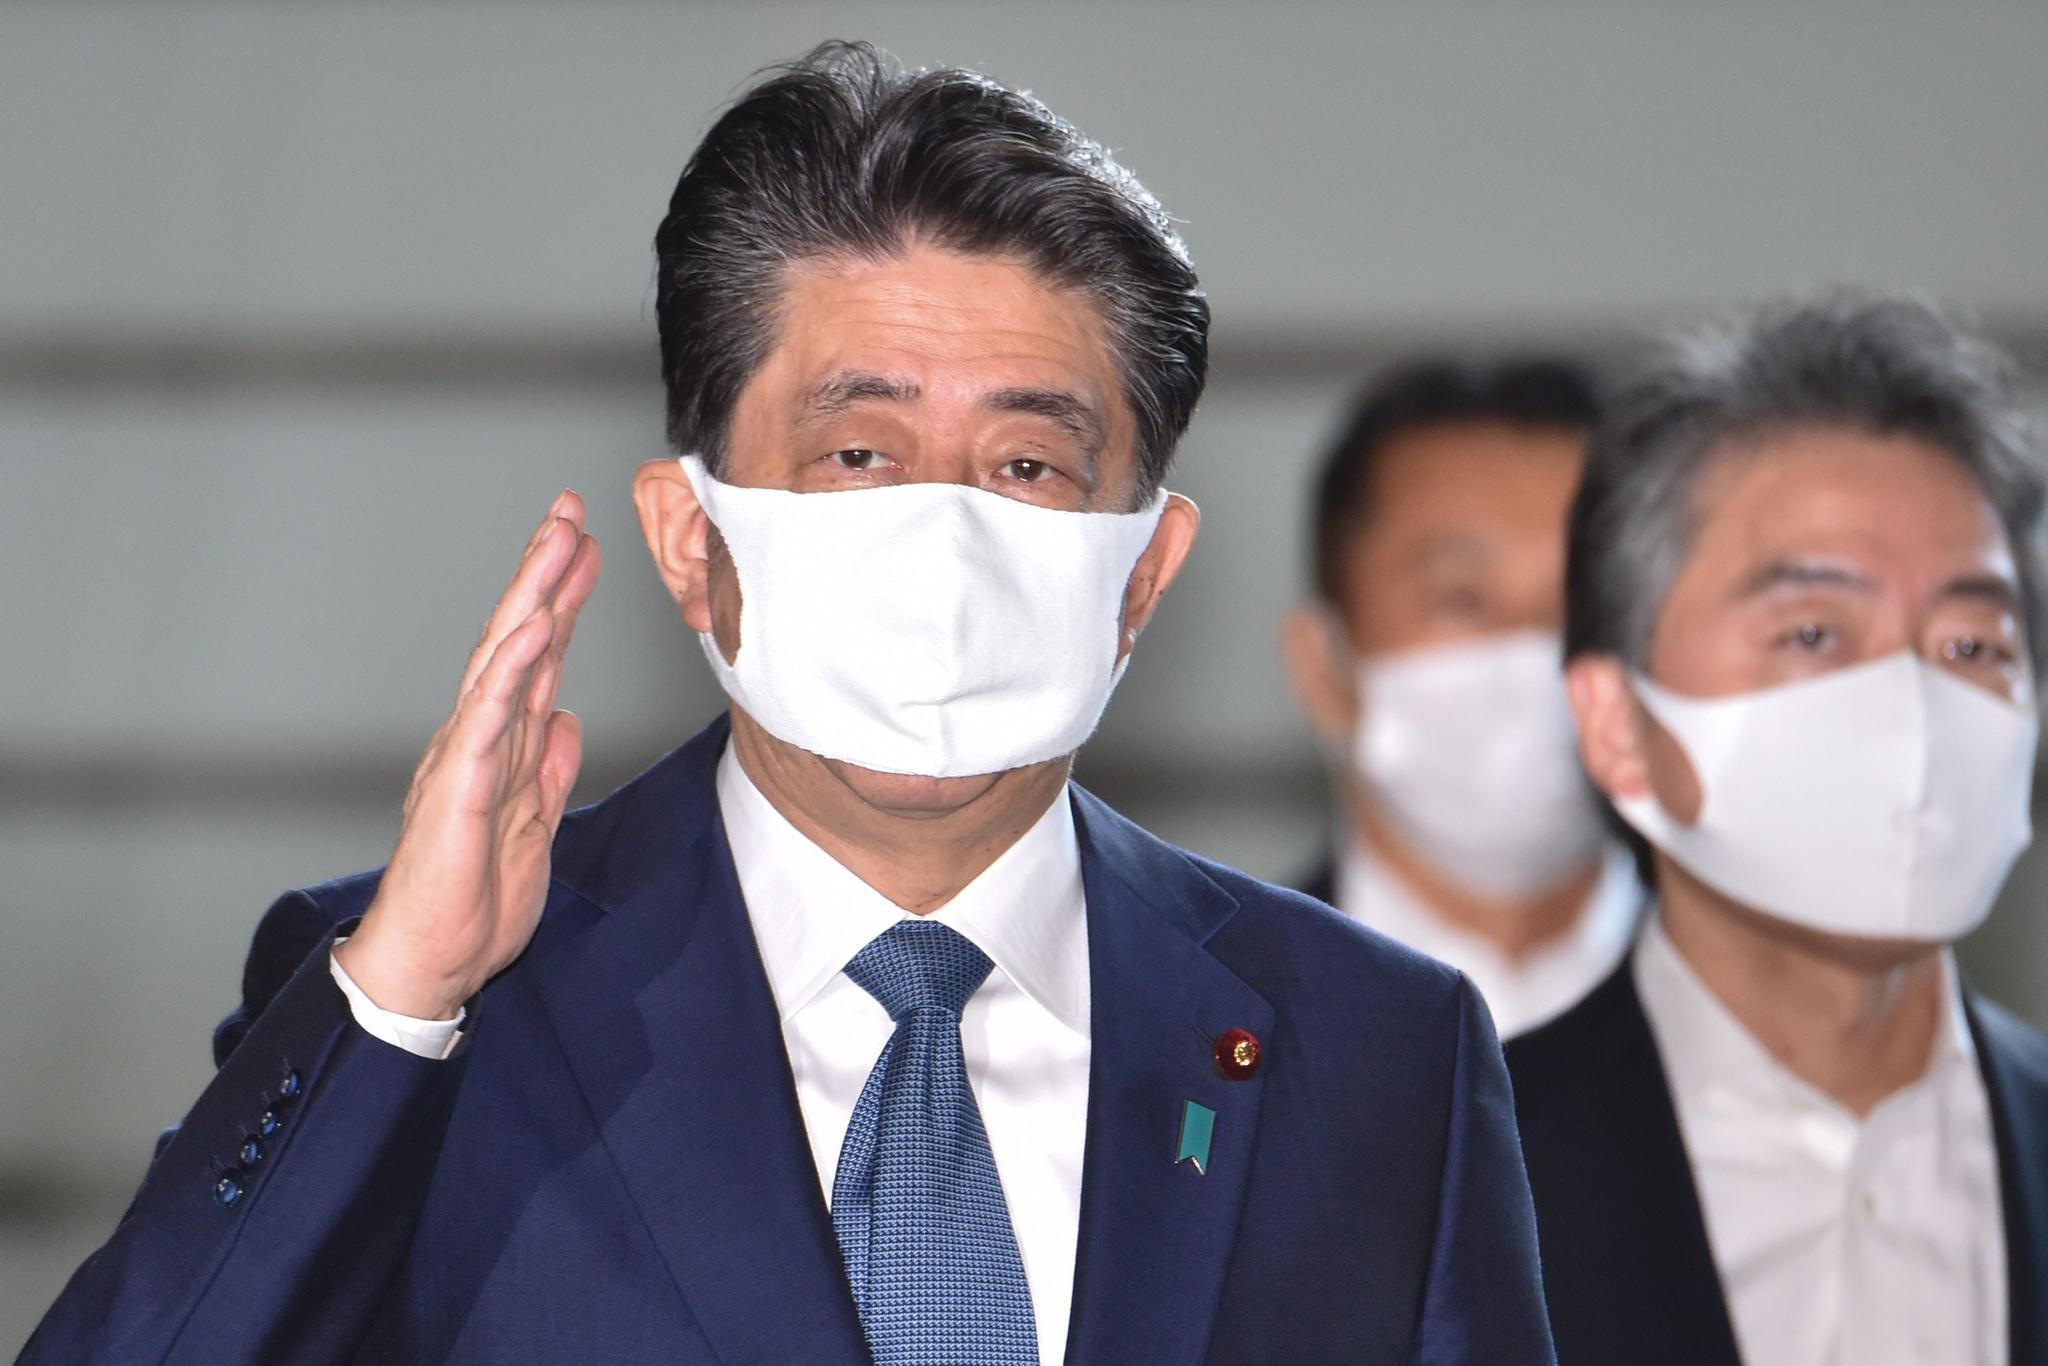 安倍晋三因健康原因决定辞职,谁会来接班?